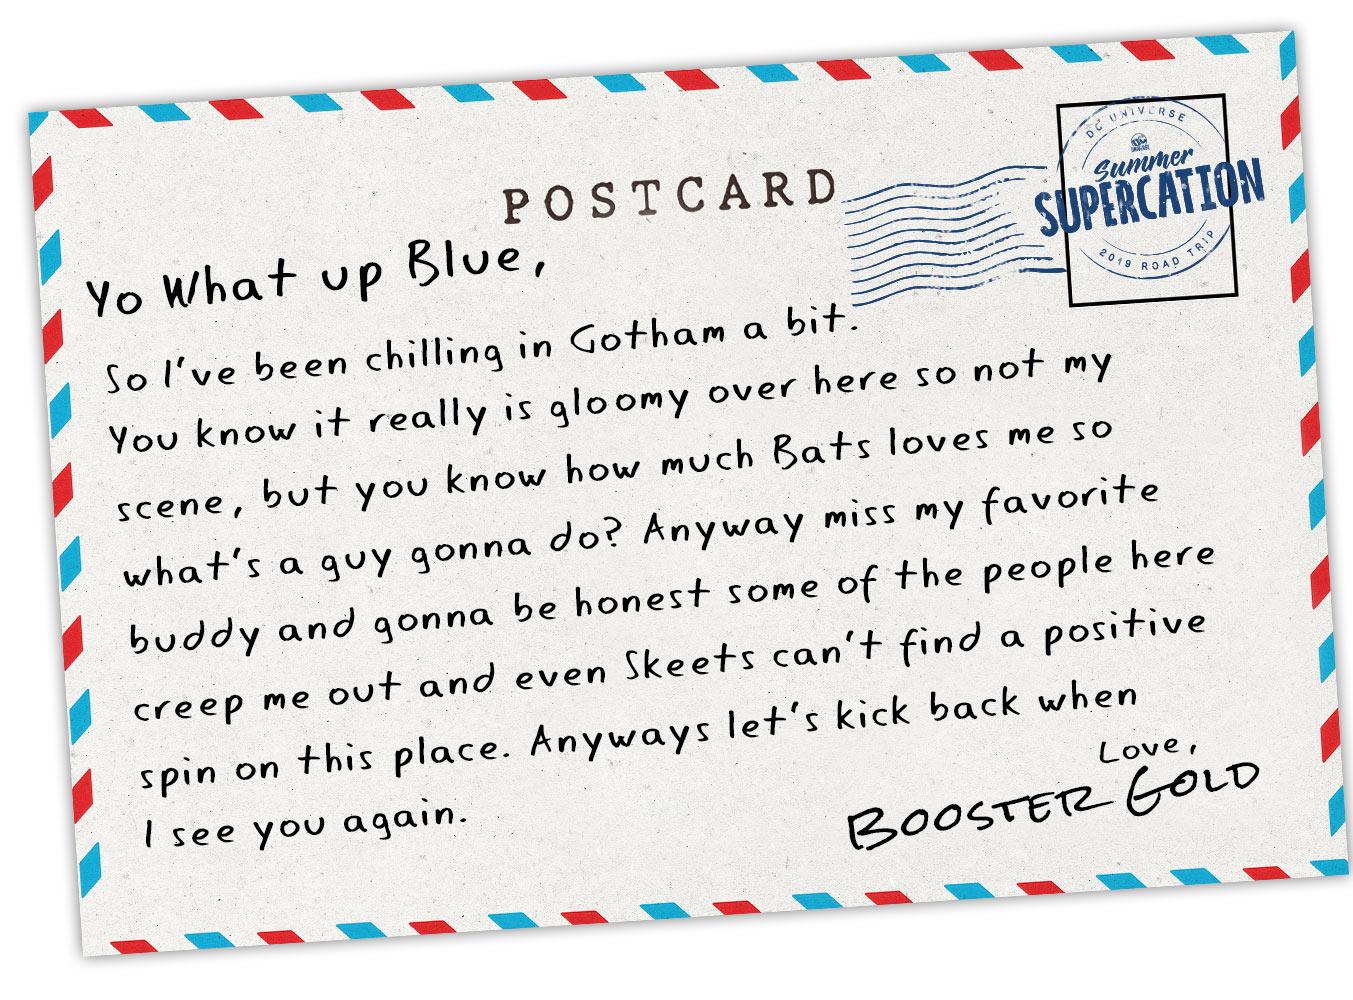 gotham_postcards_190628_v2.jpg